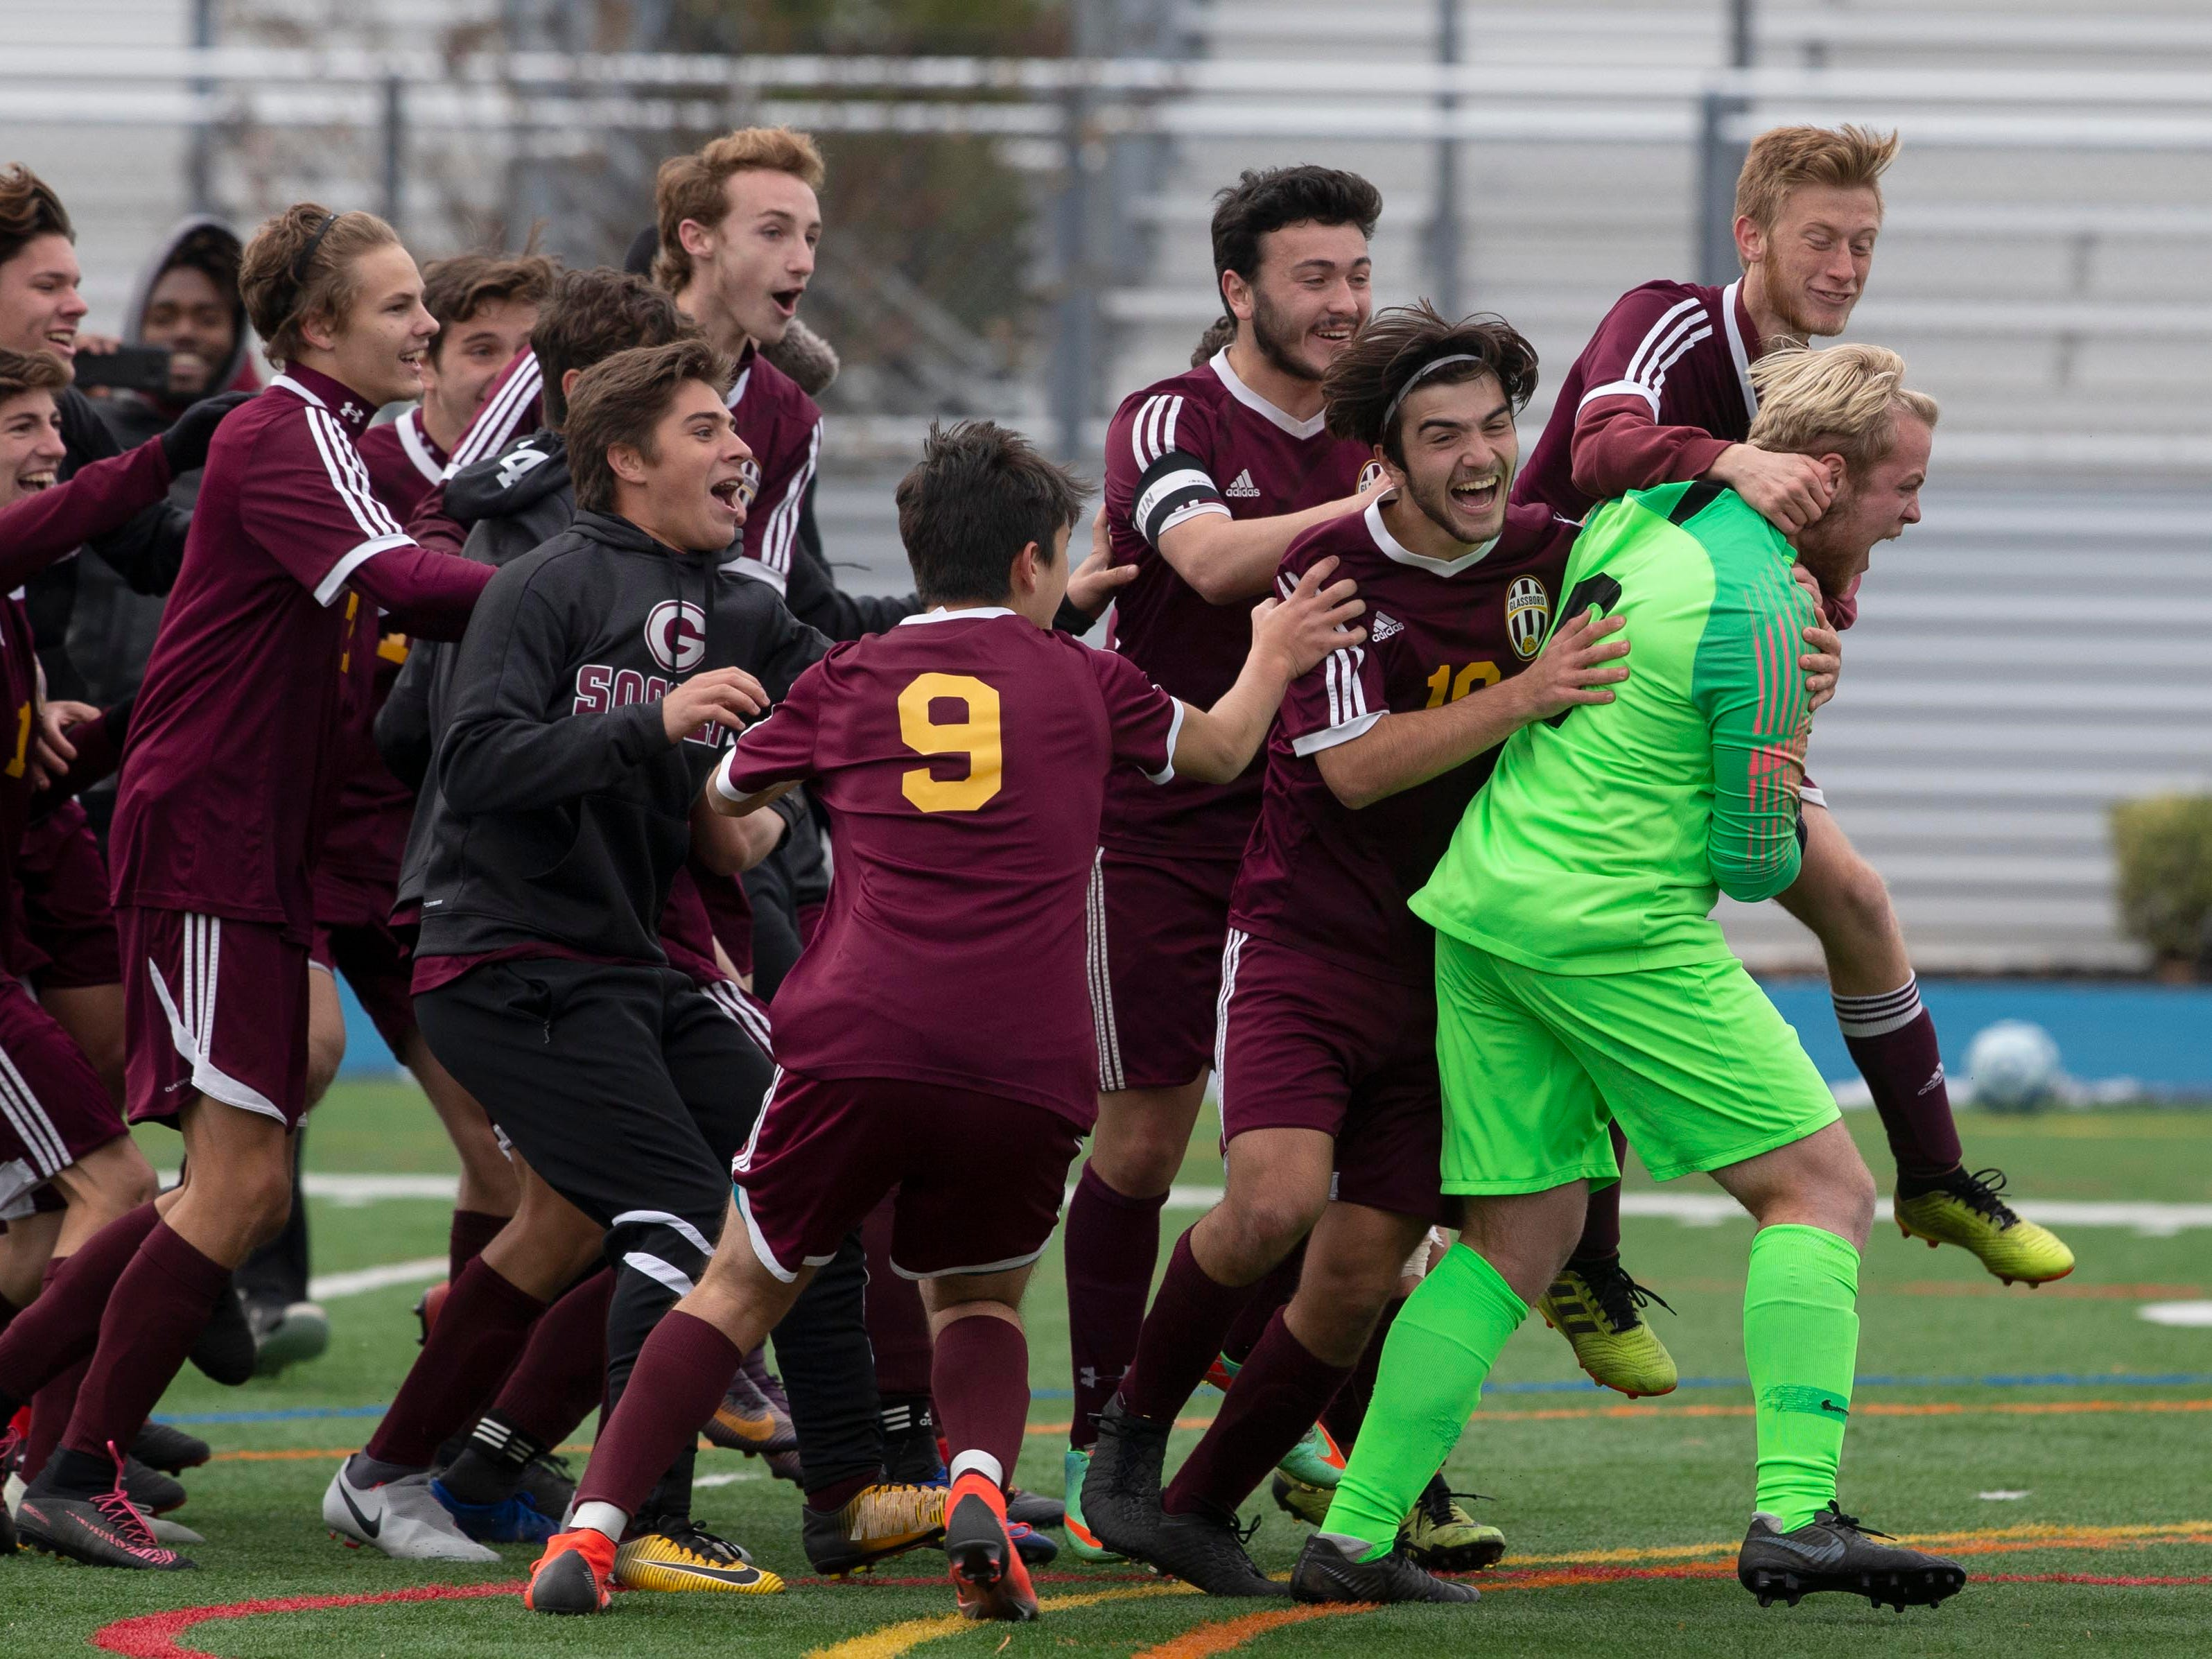 Glassboro celebrate their 1-0 in in OT on penalty kicks. New Providence vs. Glassboro in Boys Group I Soccer in Union NJ.